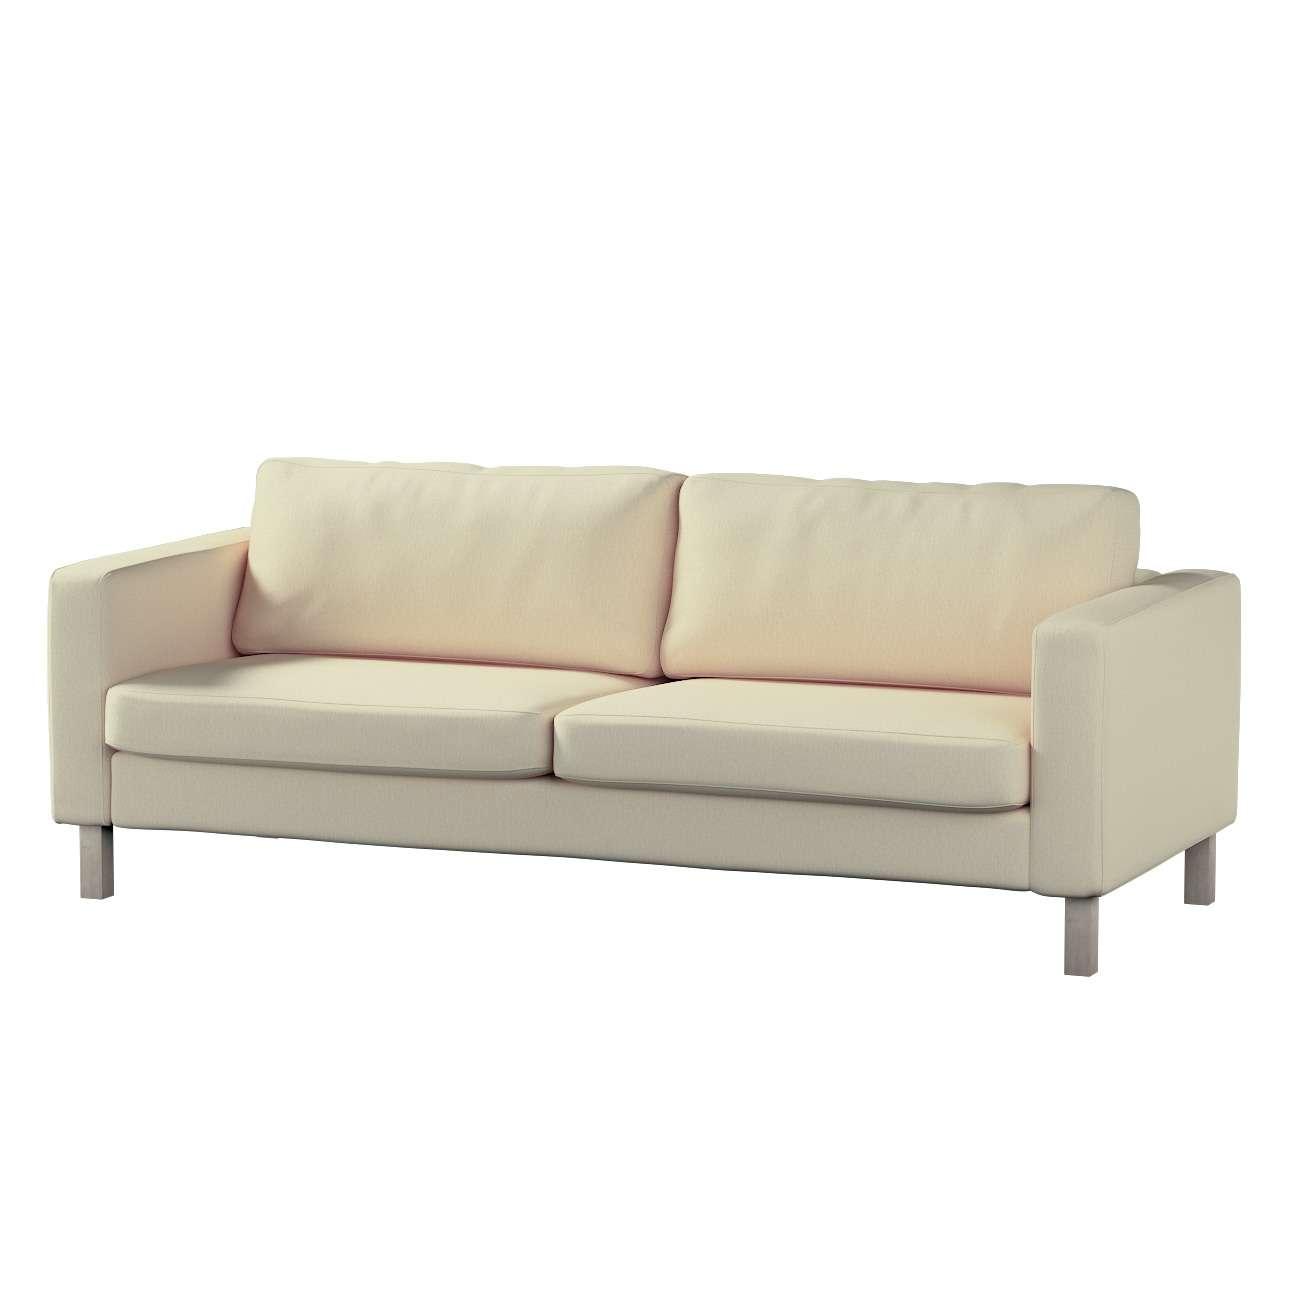 KARSLTAD trvivietės sofos užvalkalas Karlstad 3-vietės sofos užvalkalas (neišlankstomai sofai) kolekcijoje Chenille, audinys: 702-22